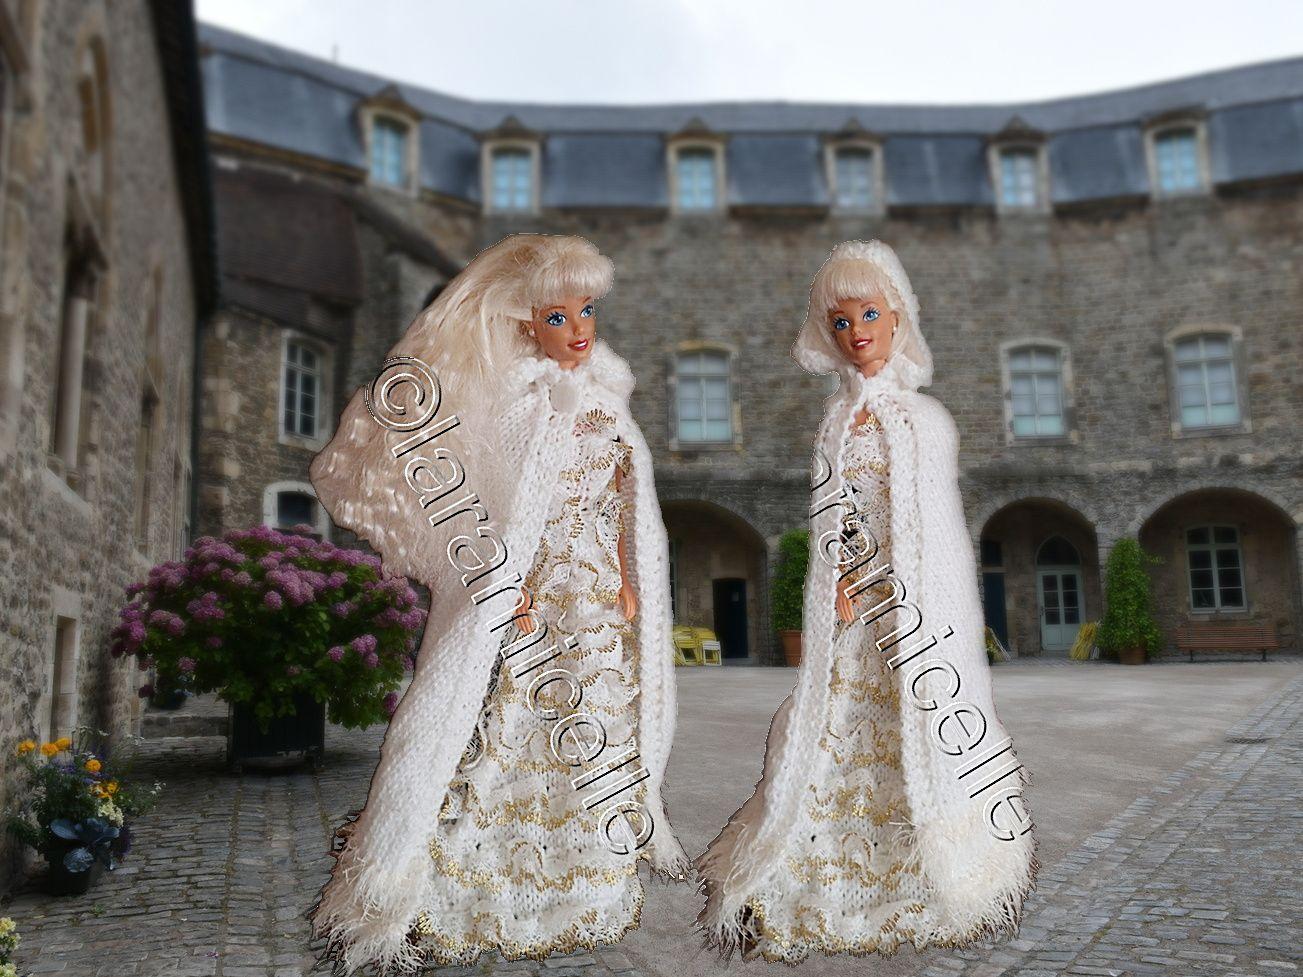 Barbie dans la cour du château de Boulogne/mer